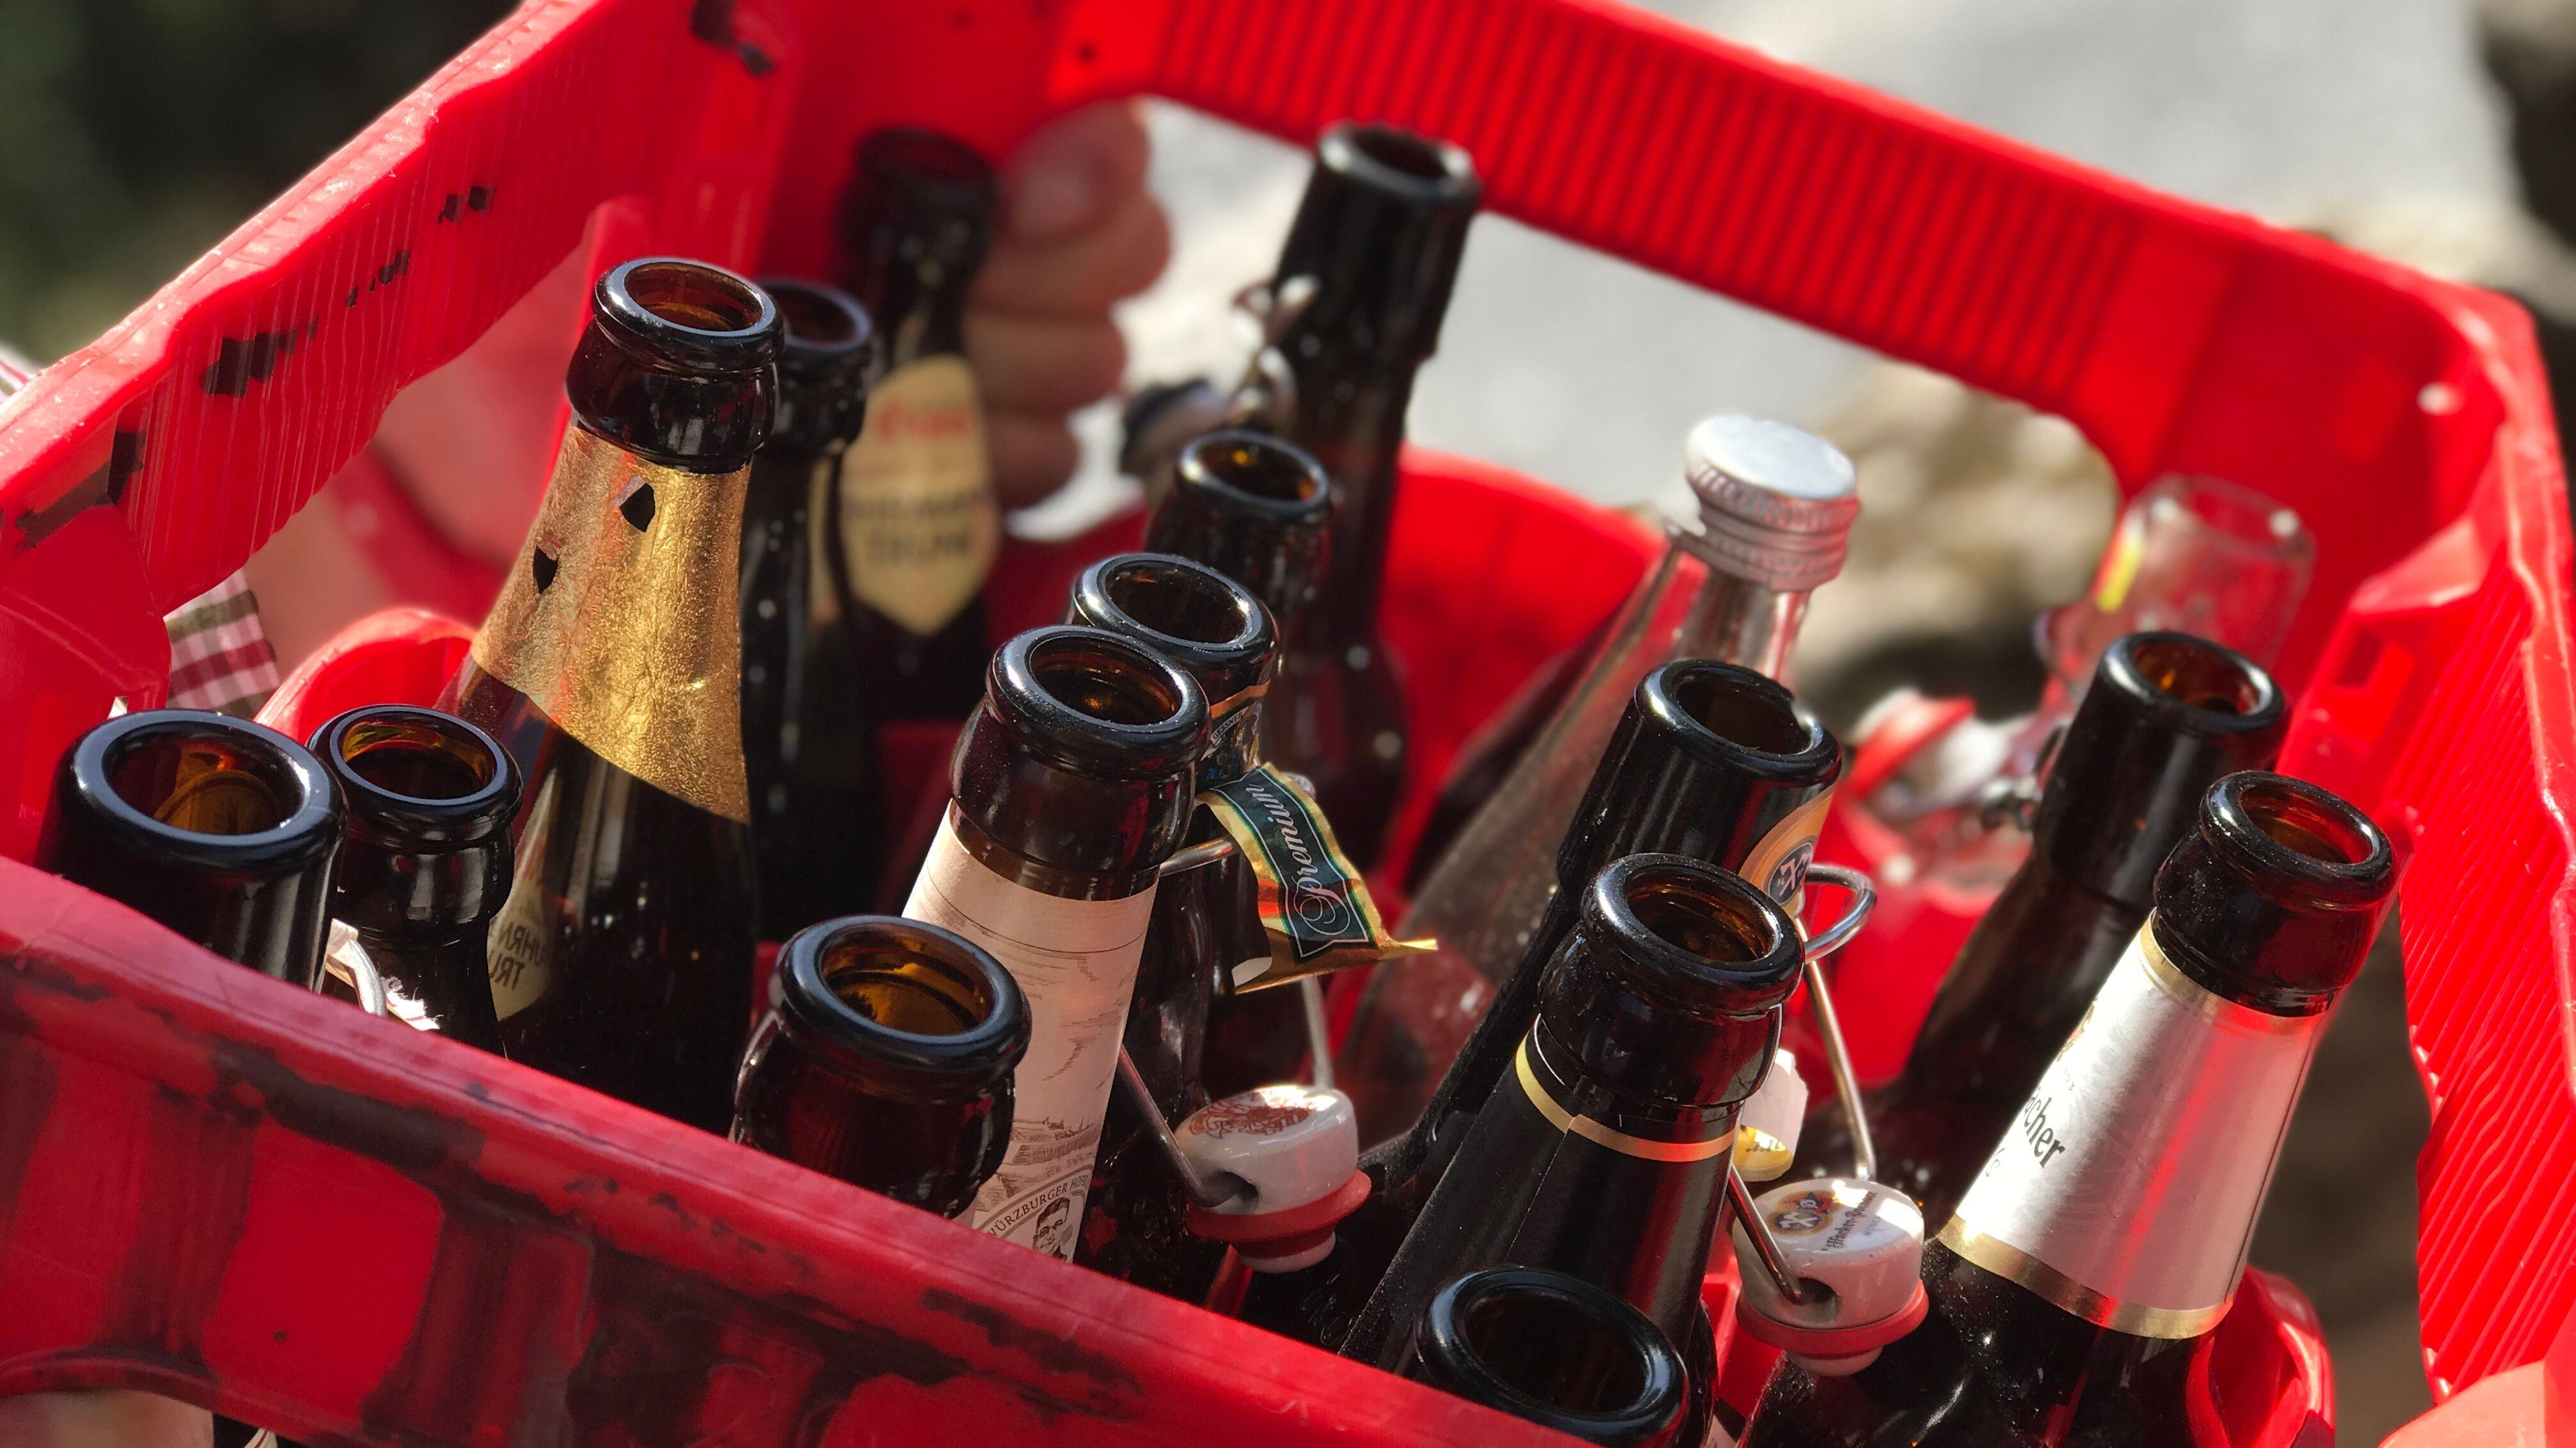 Roter Bierkasten mit unterschiedlichen Pfandflaschen